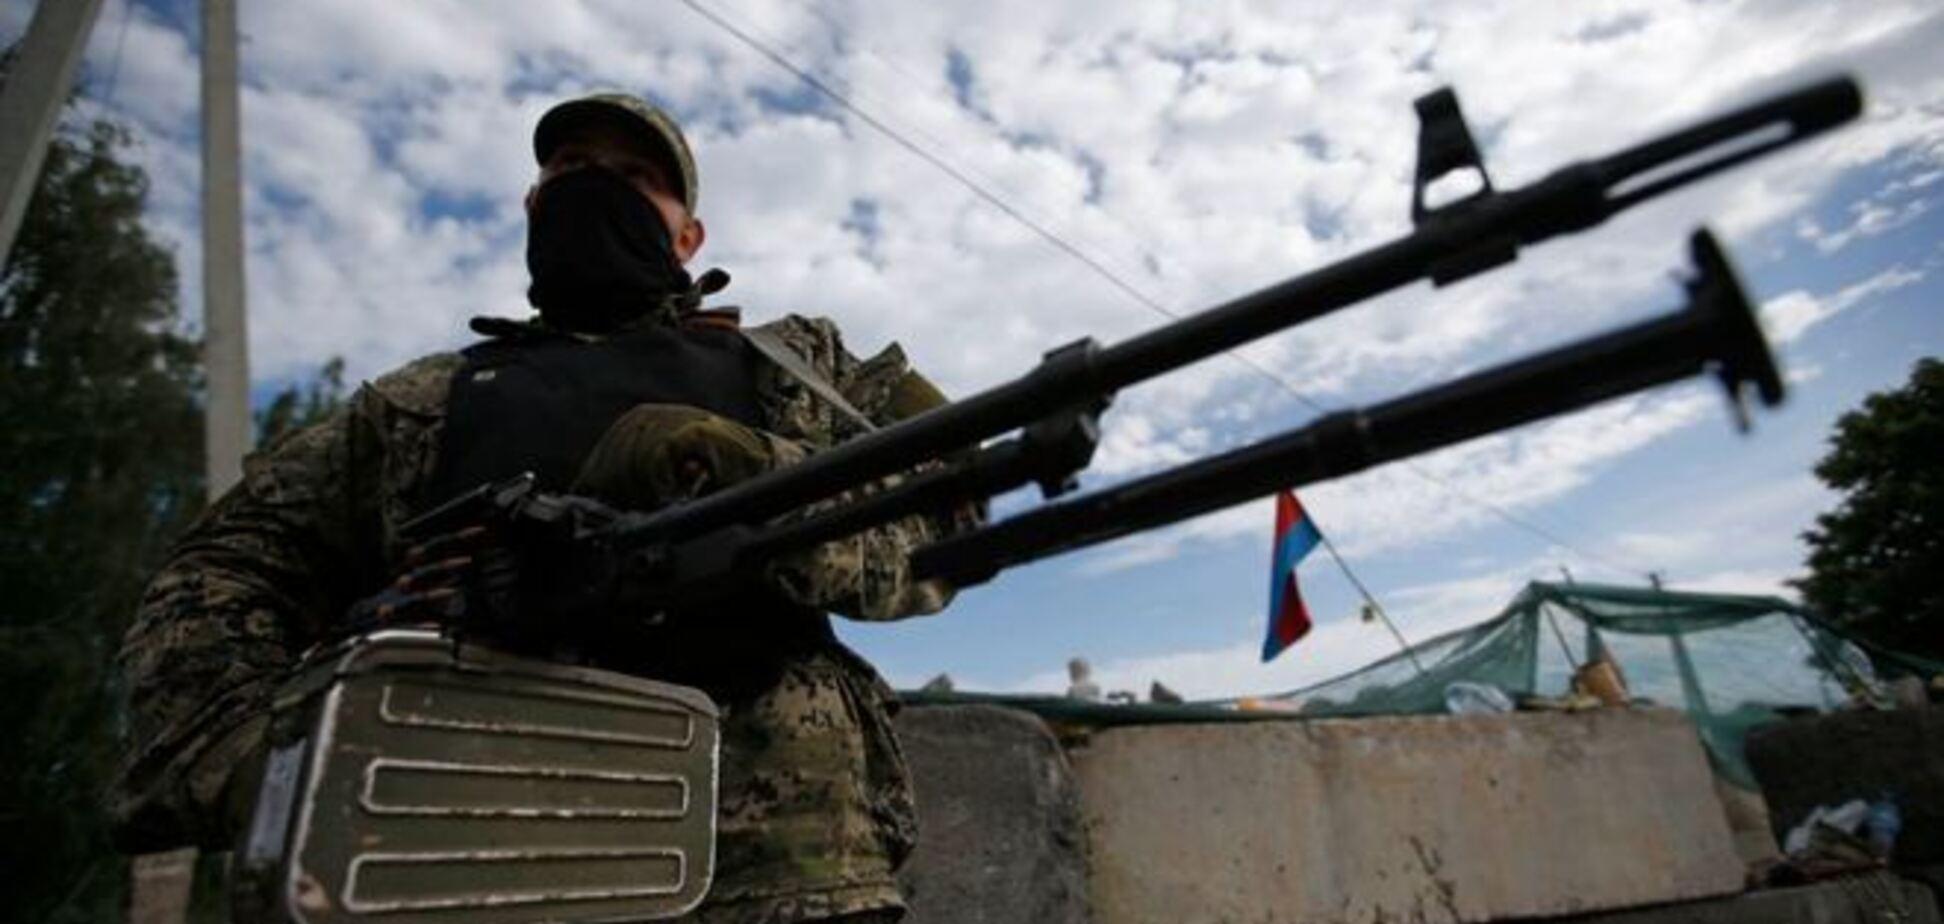 Разборки в 'ЛНР': боевики расстреляли своих же 'полевых командиров' из гранатометов